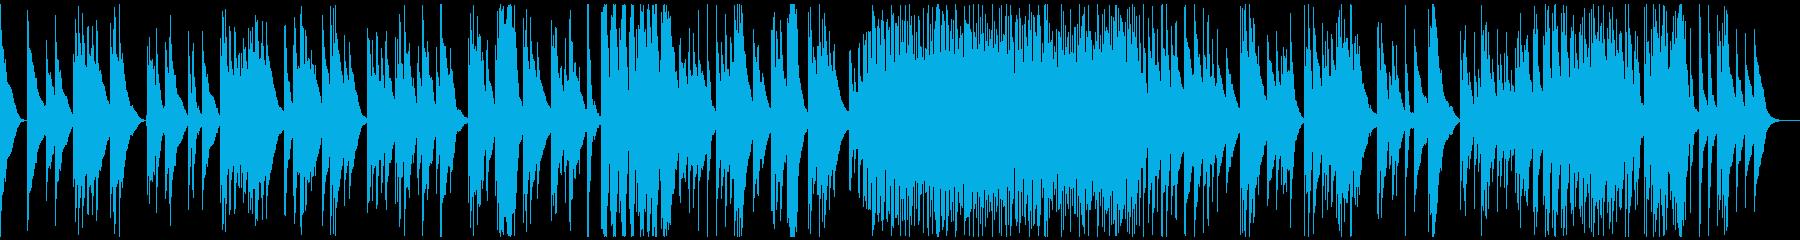 琴、オシャレな現代日本、モダンジャパンBの再生済みの波形